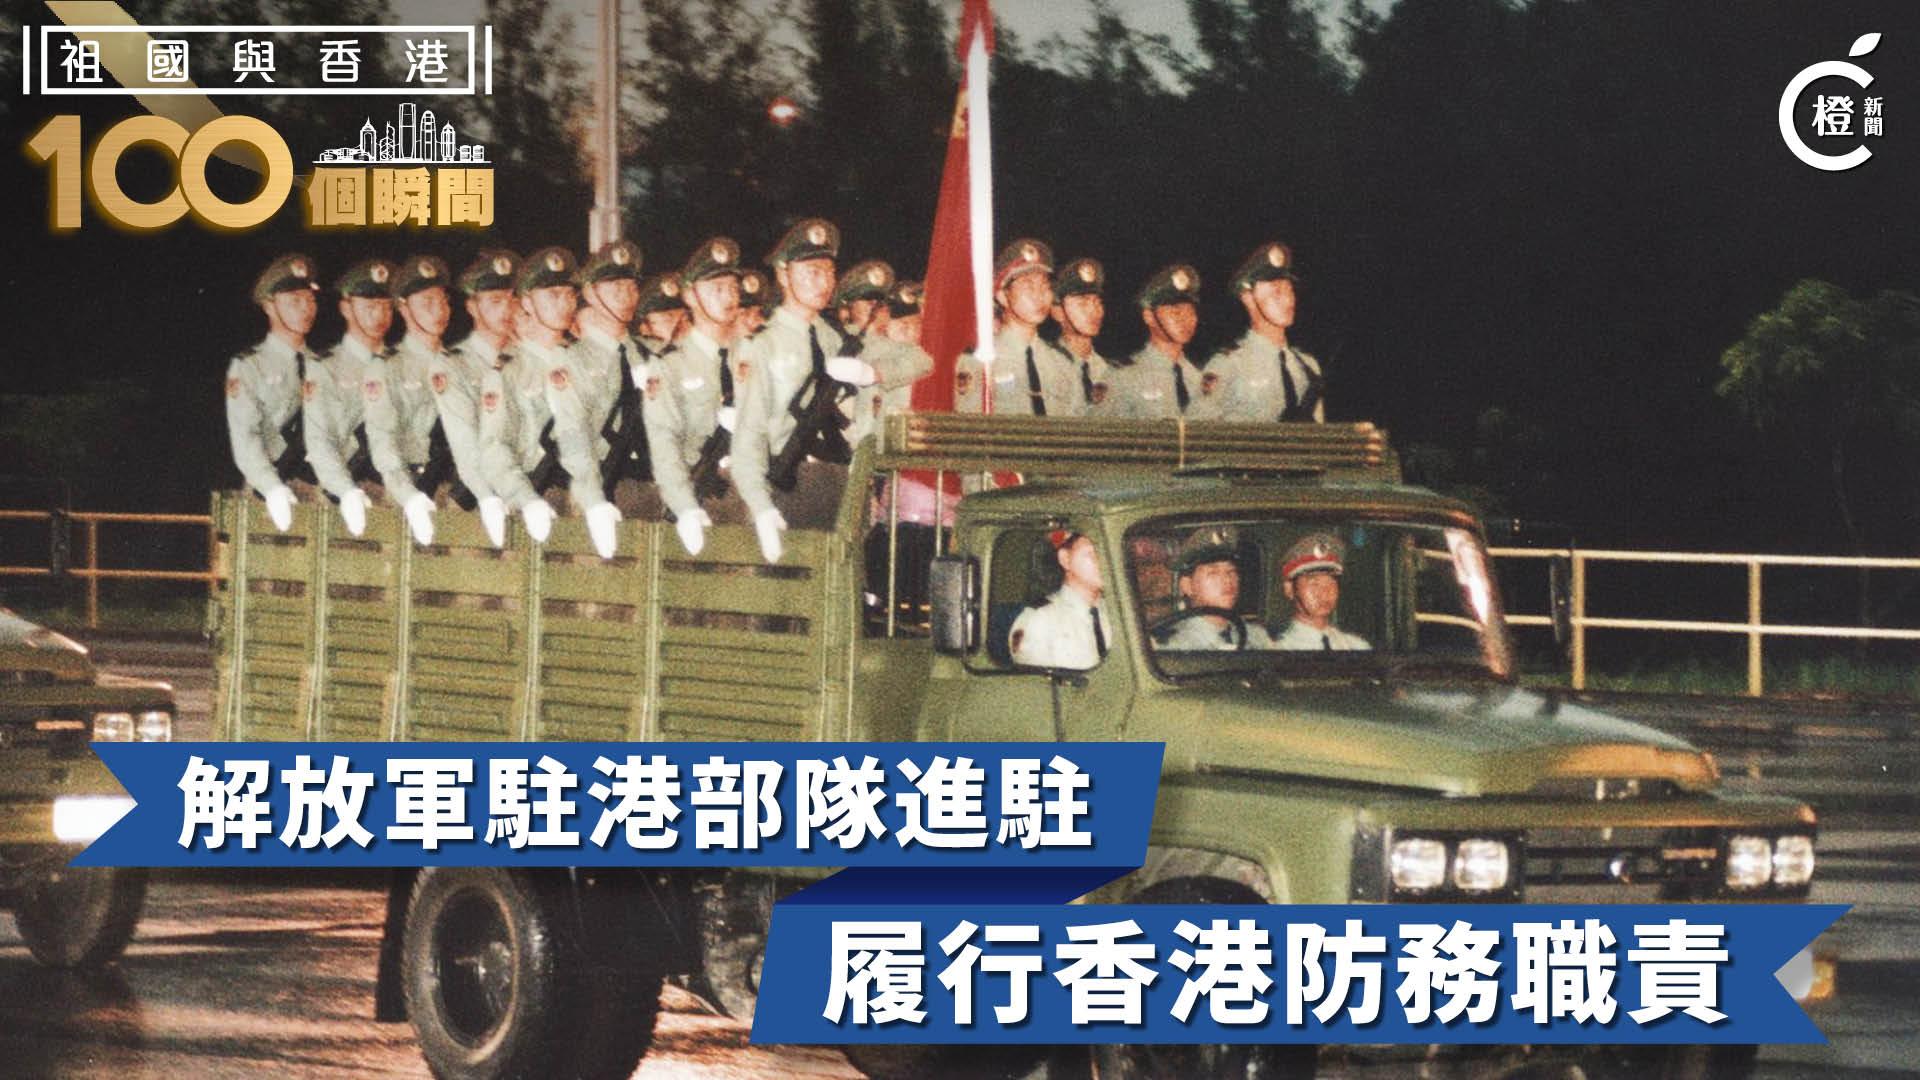 【祖國與香港100個瞬間】解放軍駐港部隊進駐 履行香港防務職責